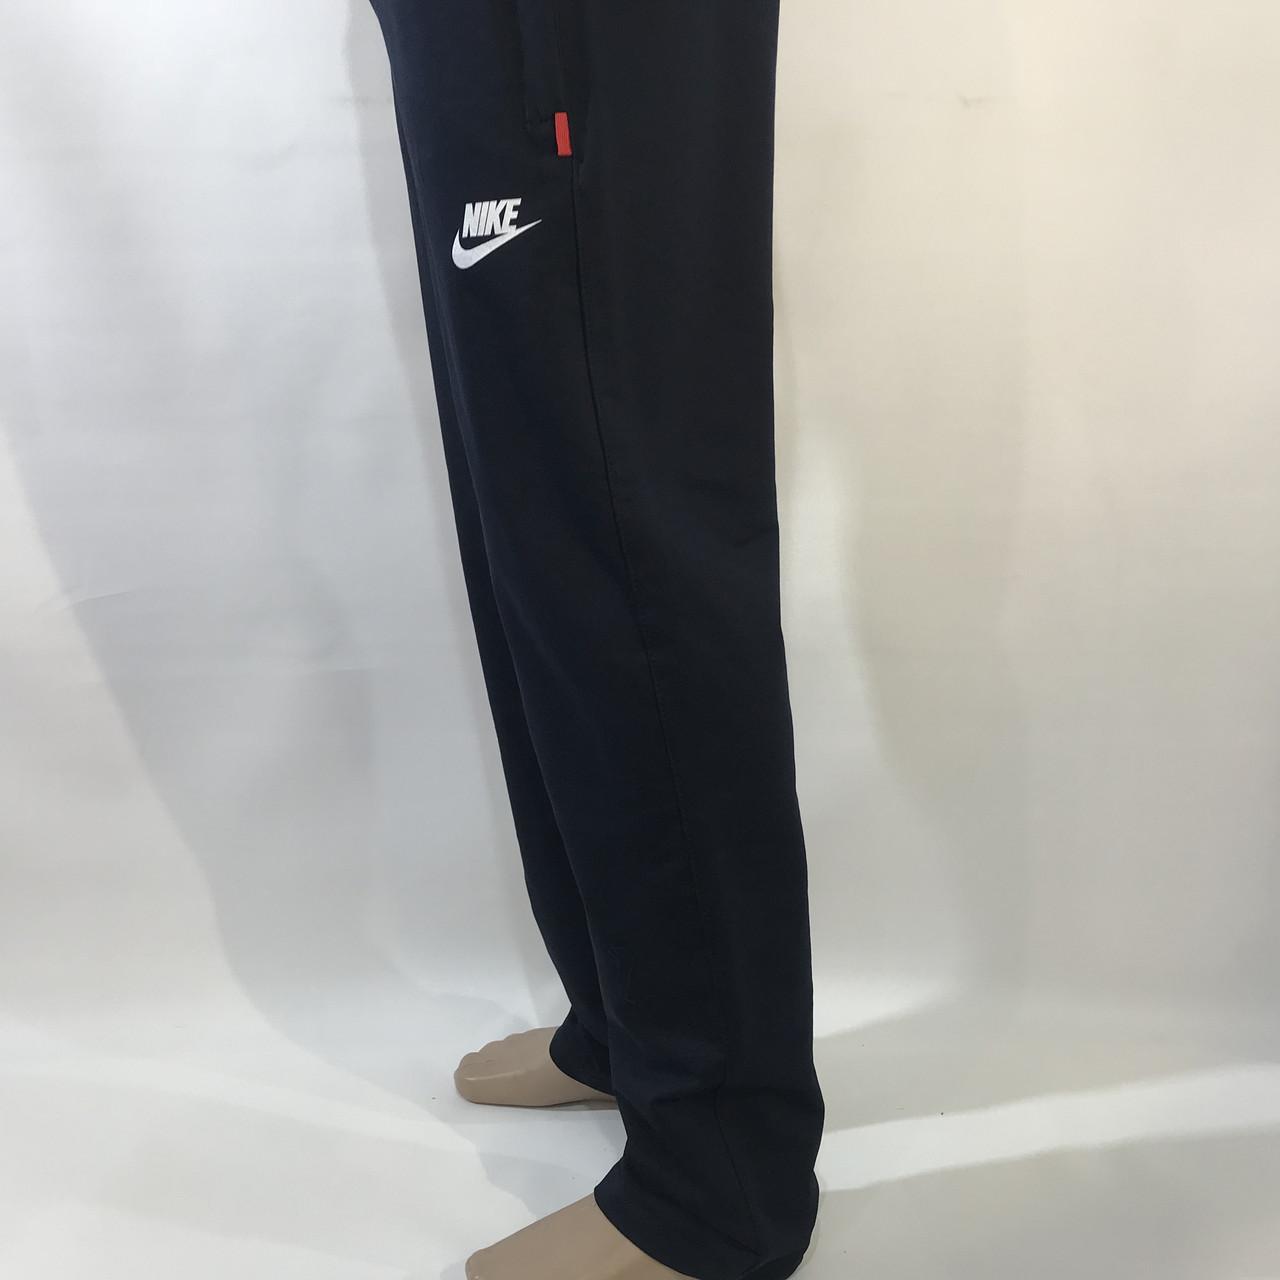 Спортивные штаны Nike  / трикотажные / черные  46-54  р., фото 1